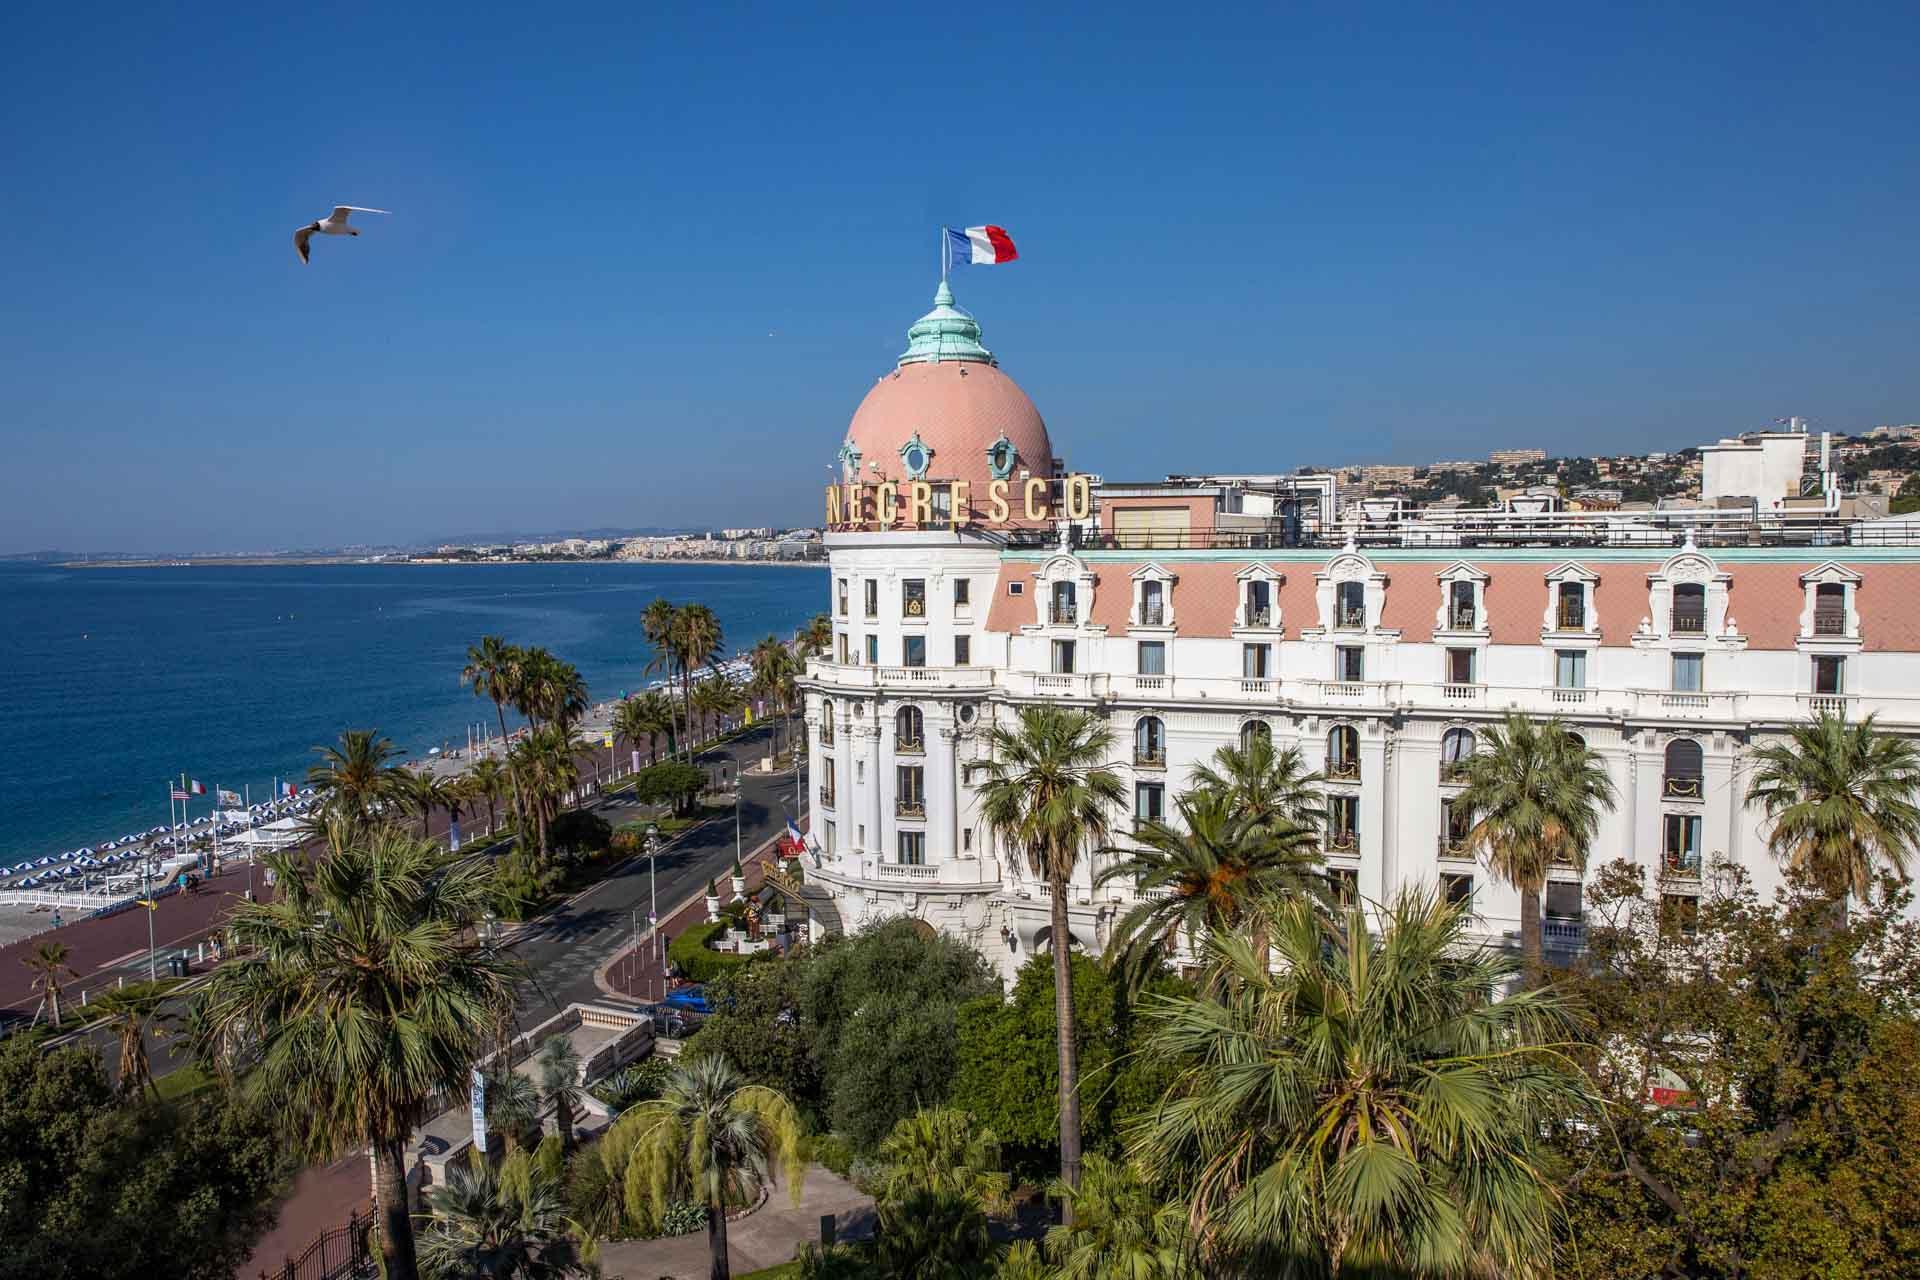 La façade emblématique du Negresco et sa rotonde, sur la Promenade des Anglais à Nice © Grégoire Gardette